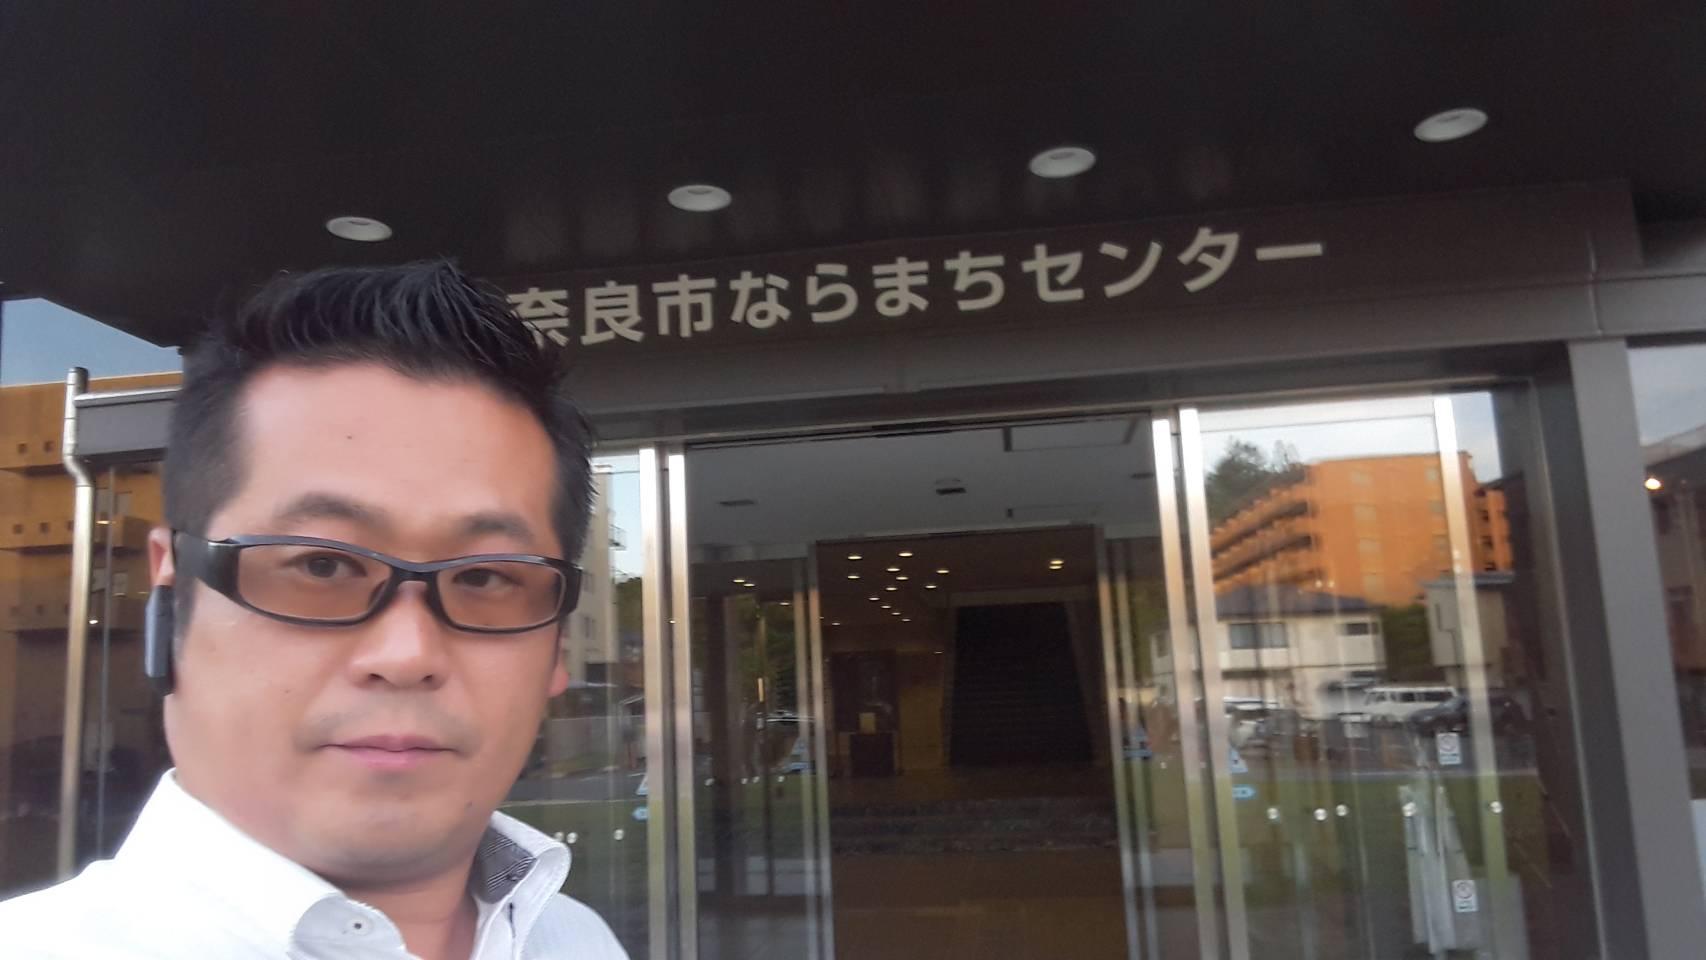 奈良のうまいもの会・役員会@奈良市ならまちセンター